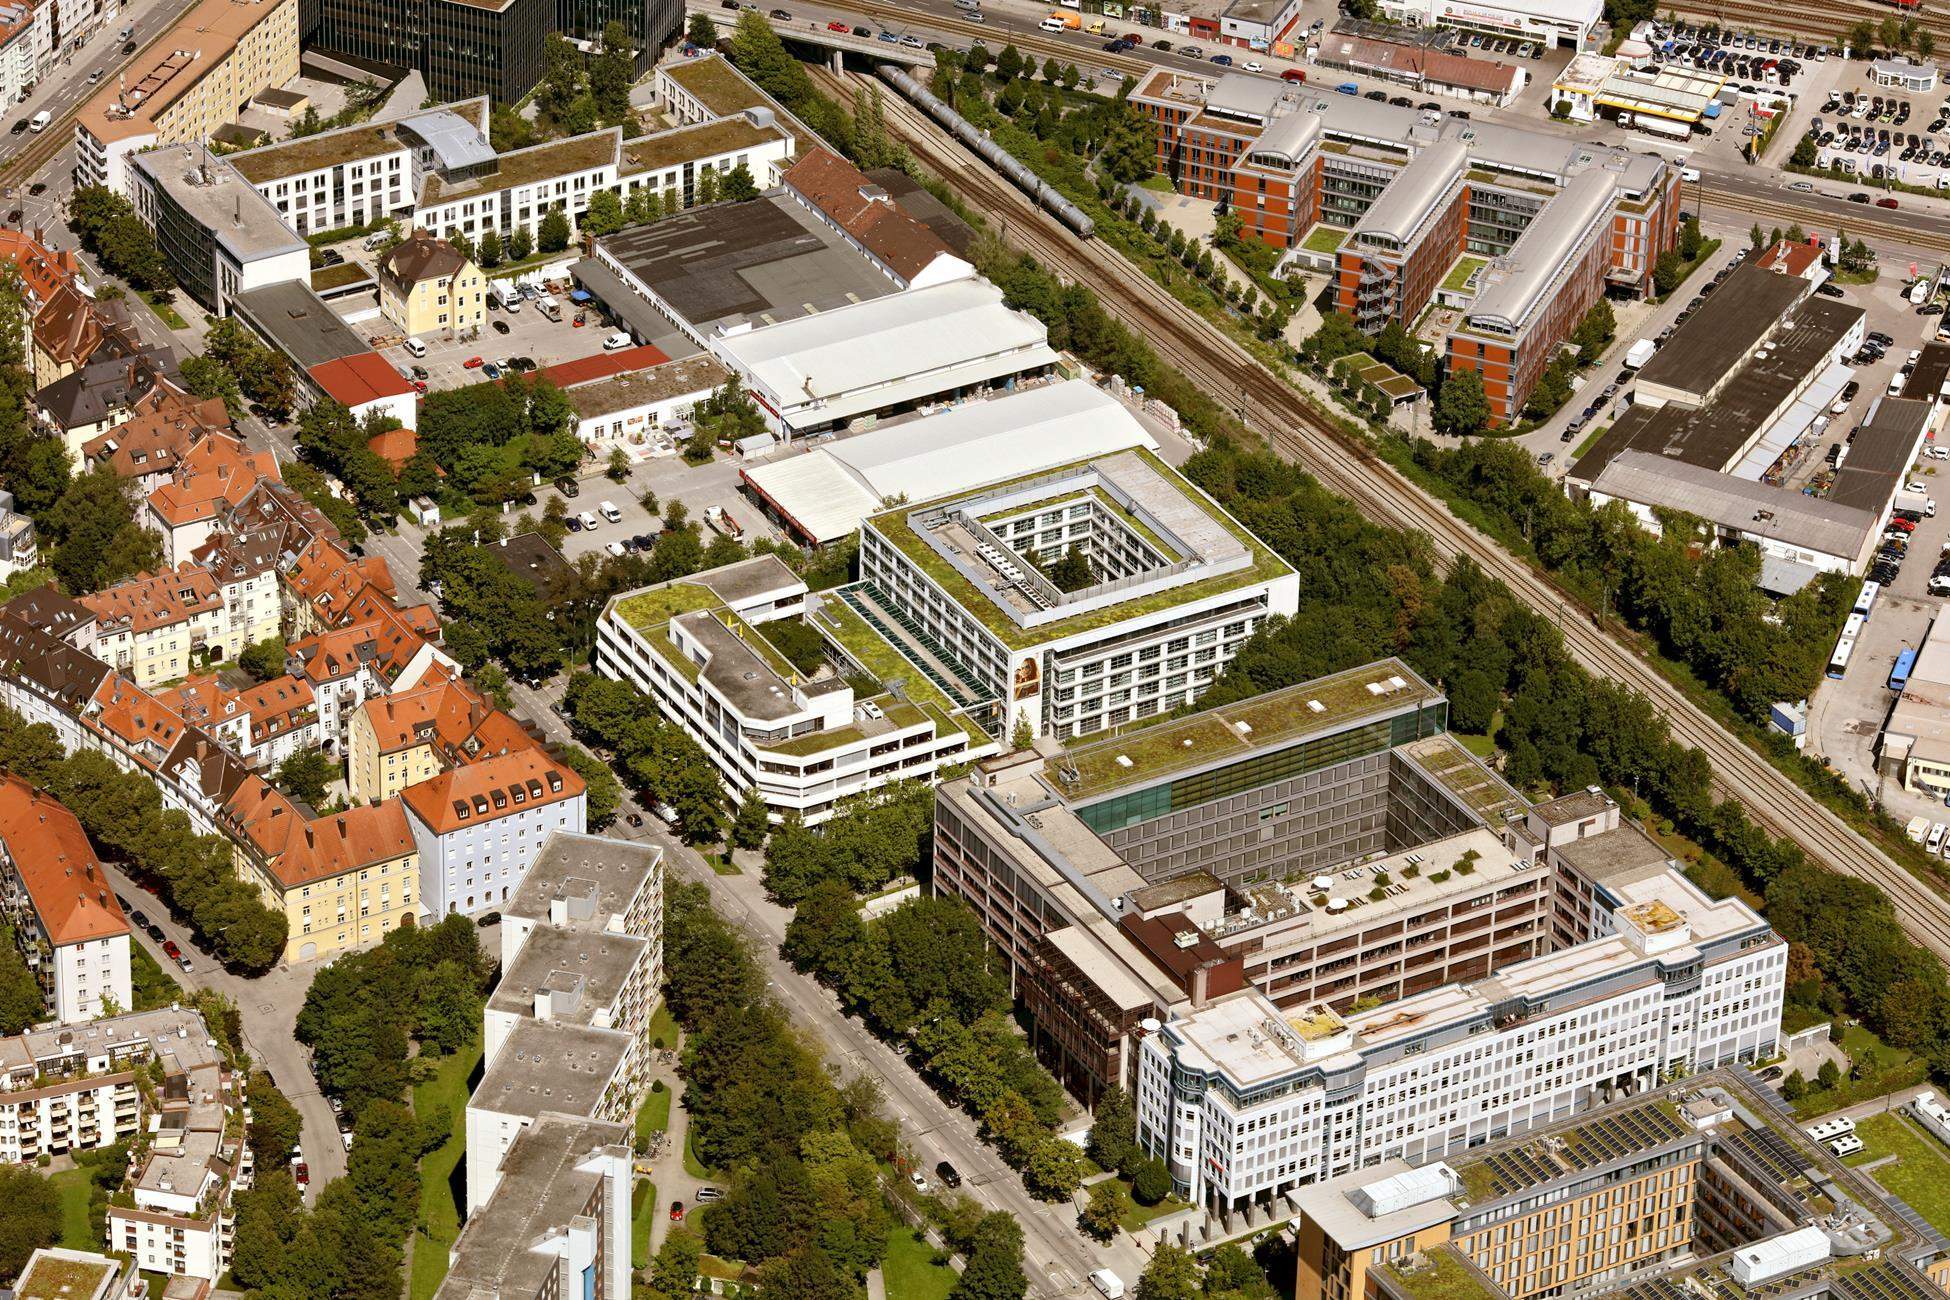 Else office buildings in Munich